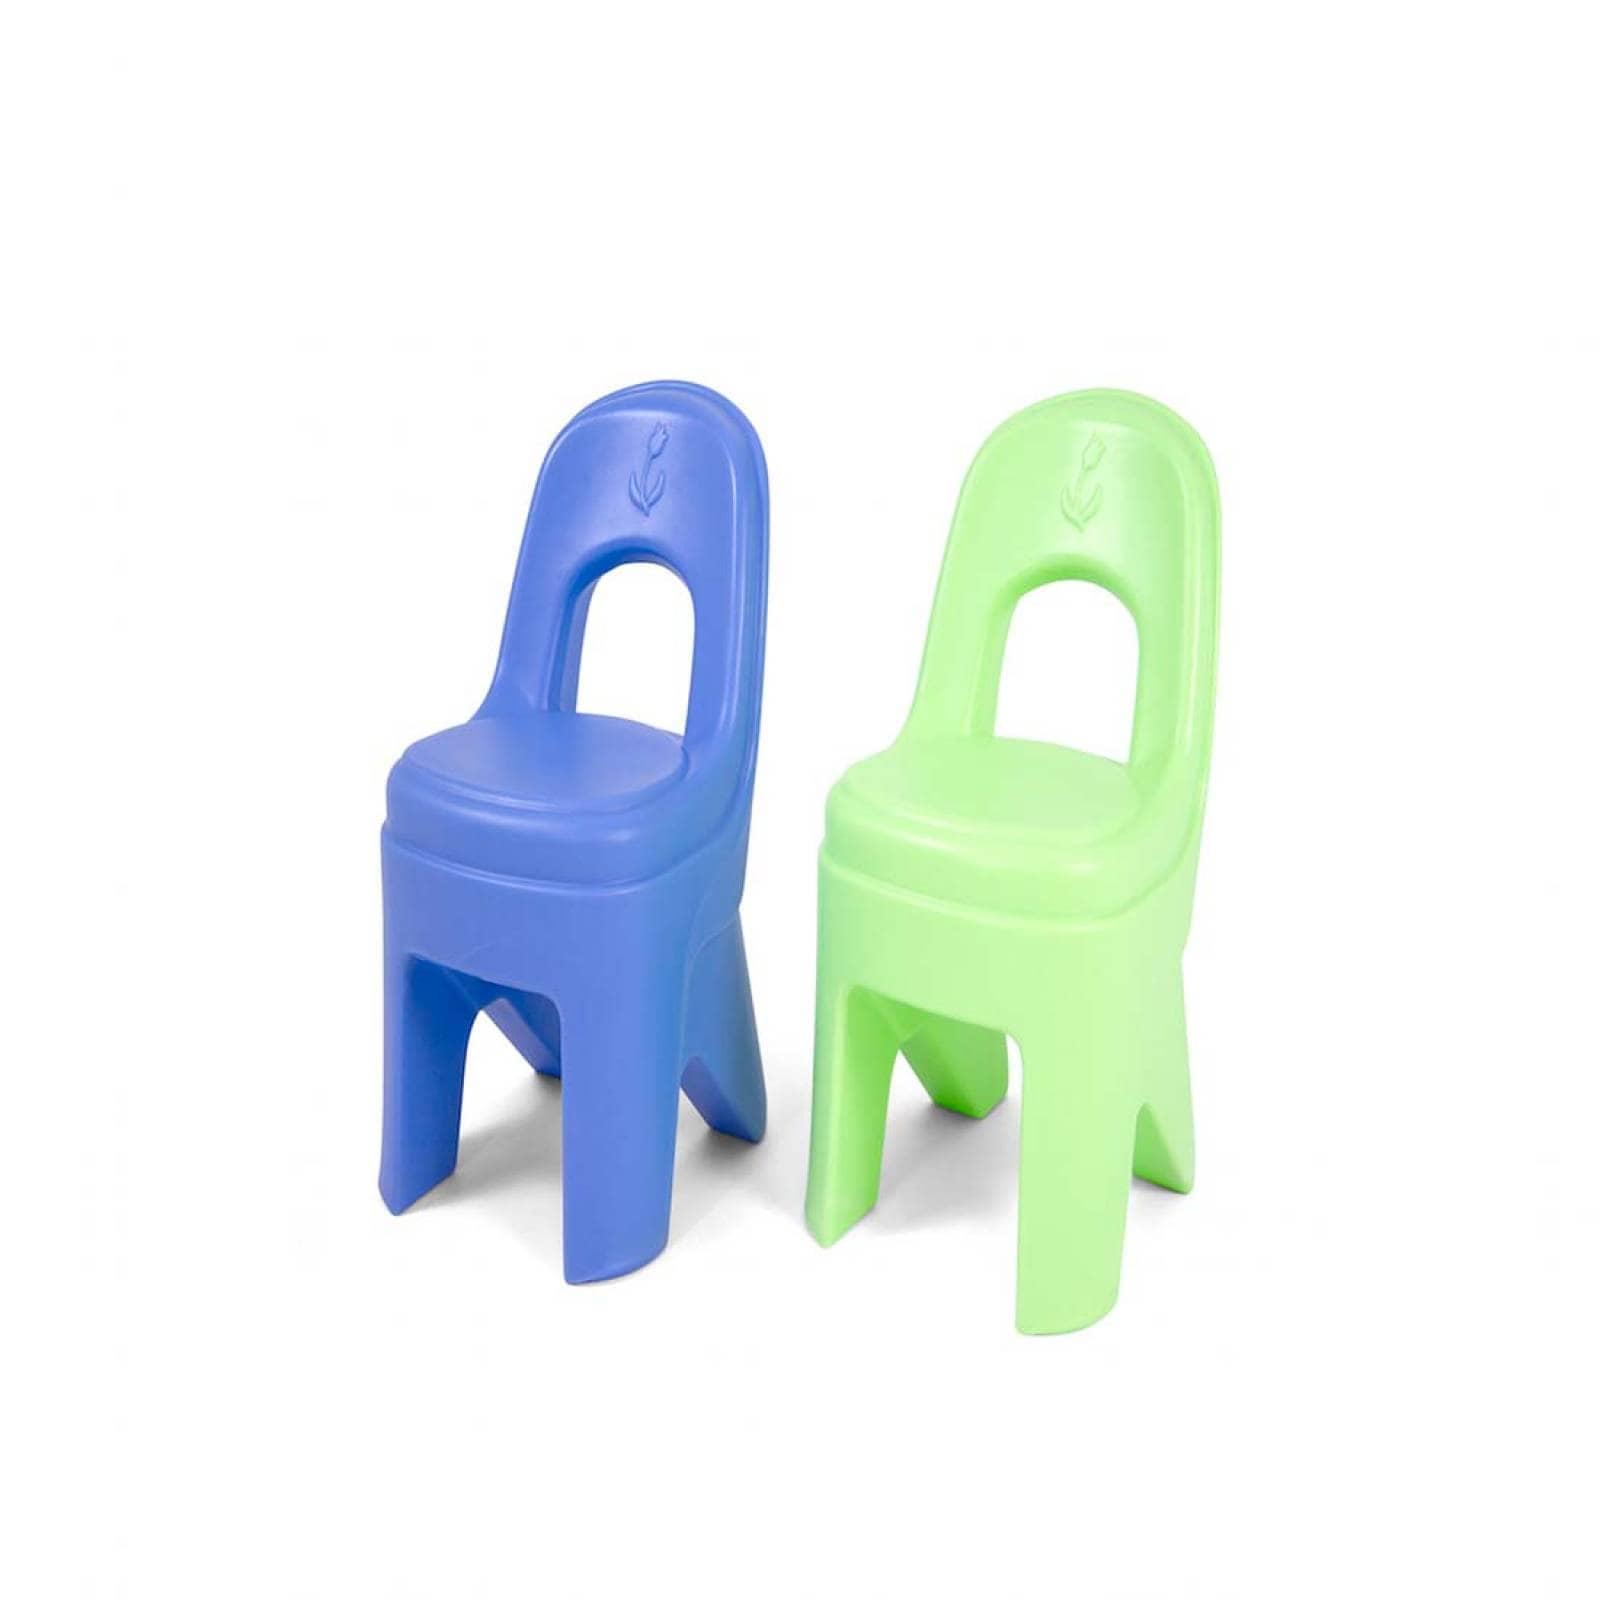 Paquete De 2 Coloridas Sillas De Juego Para Niños Simplay3